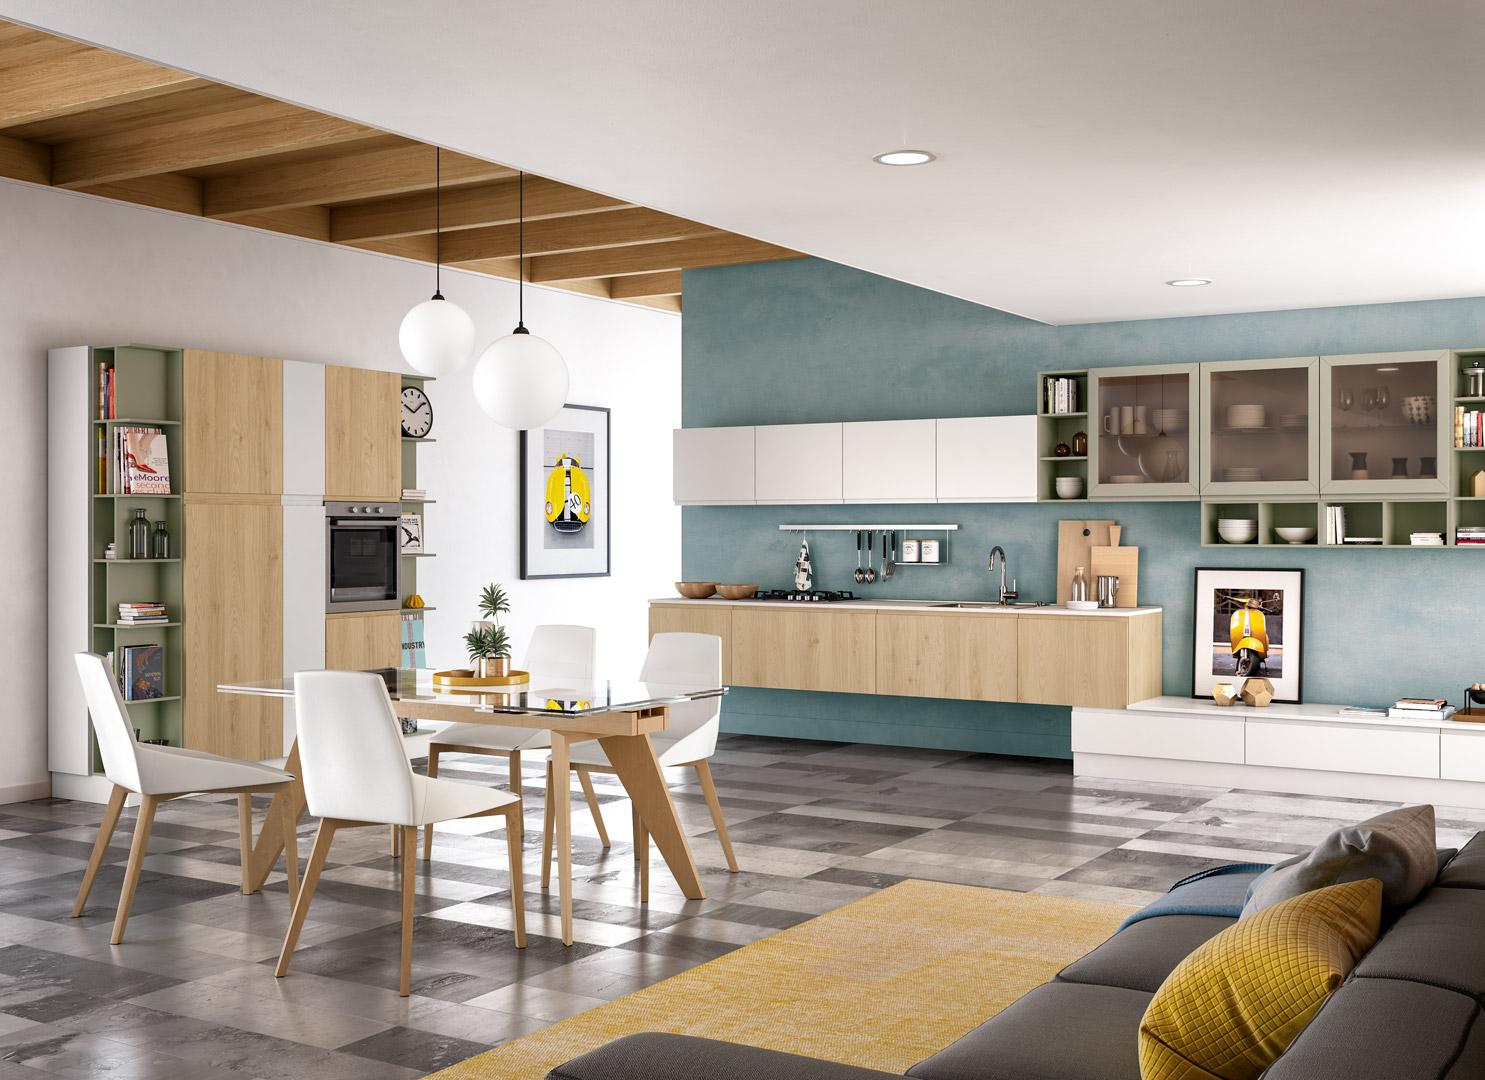 come arredare soggiorno 25 mq. Come Arredare Cucina Open Space E Soggiorno Distinguendo Gli Ambienti Arredare La Cucina